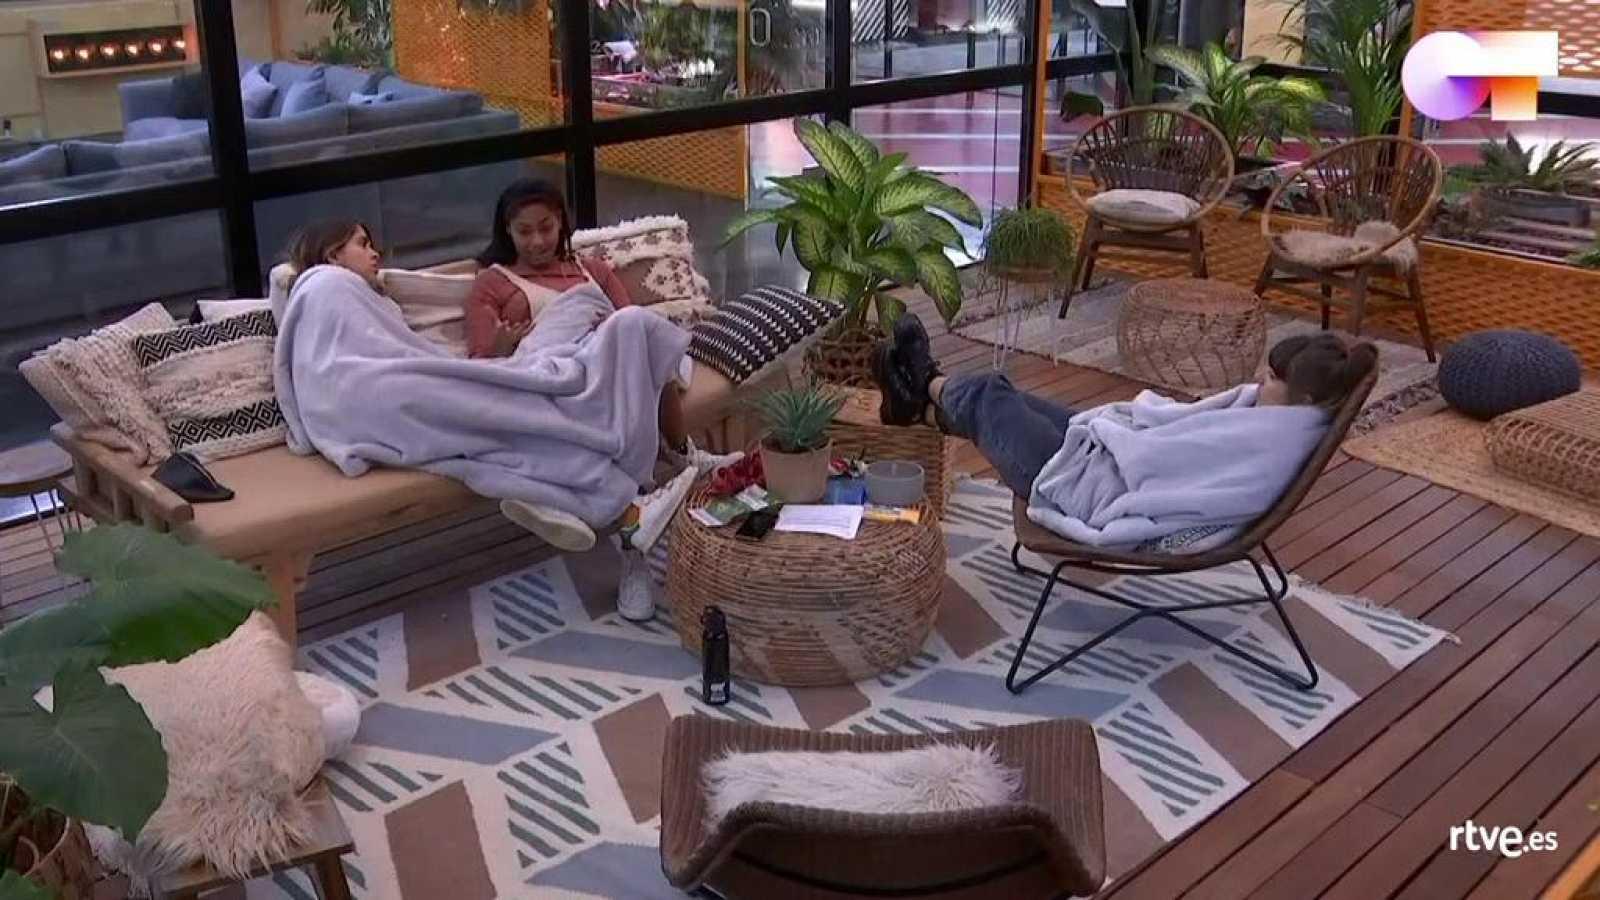 Anajú, Nia y Maialen conversando en la terraza tras saber que se suspende OT 2020